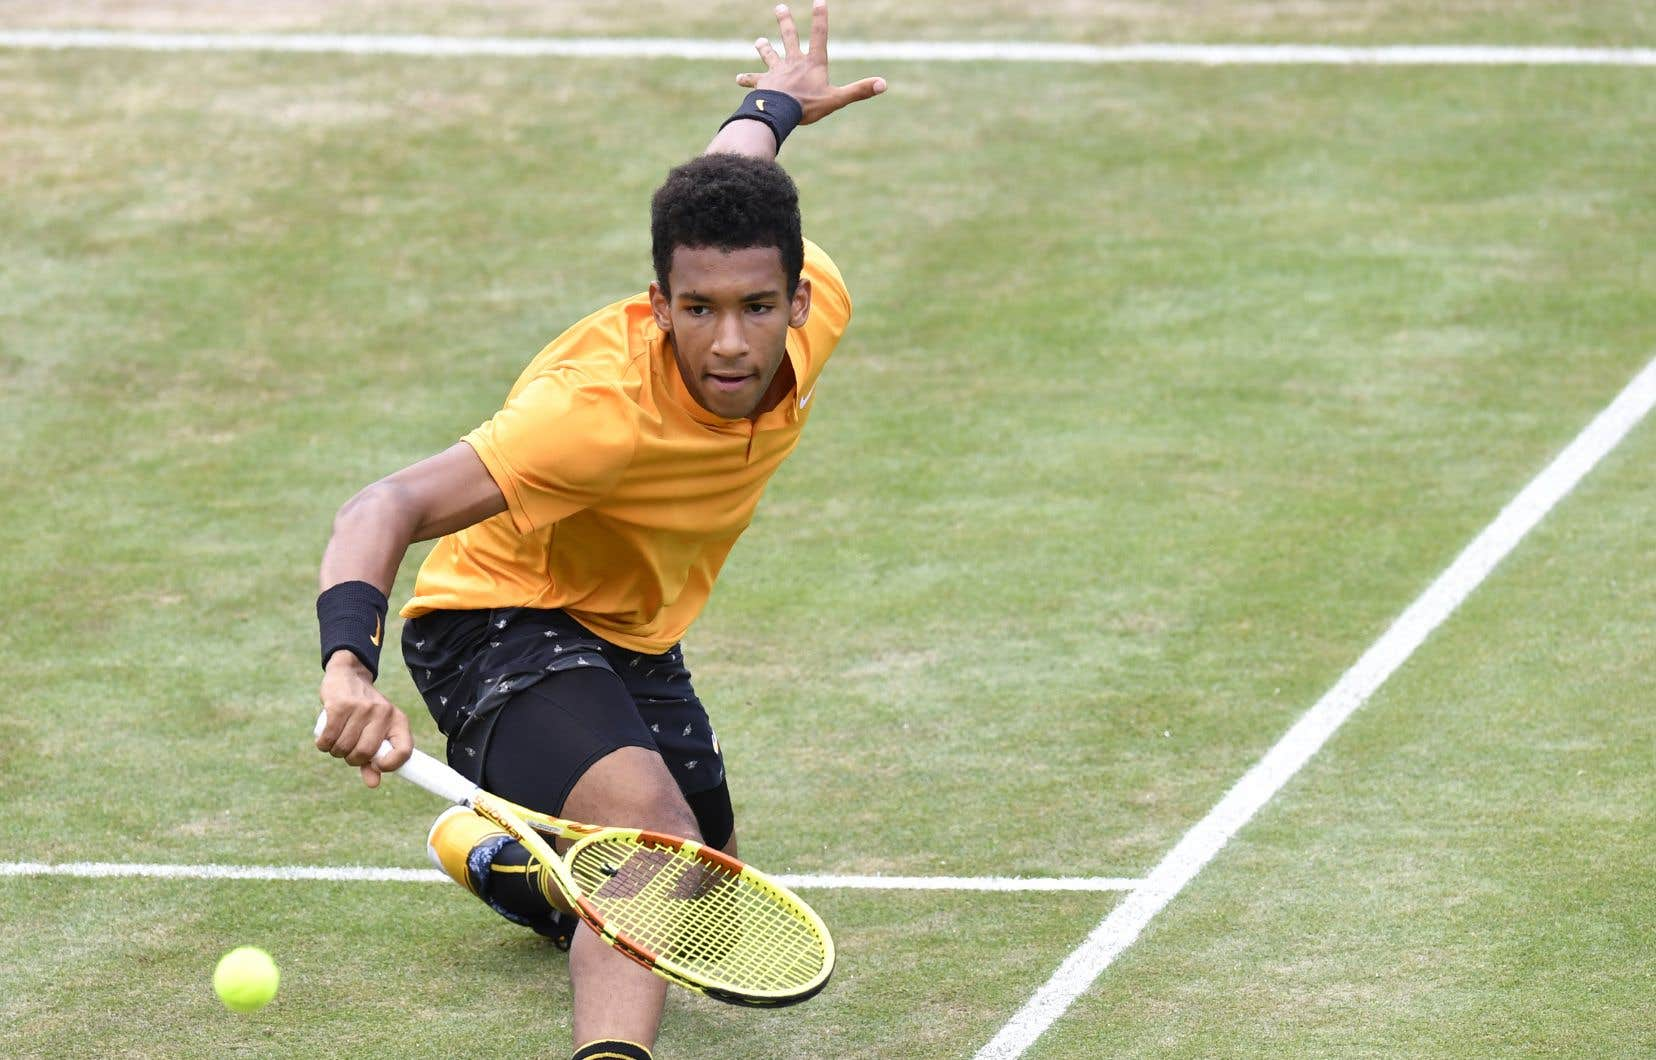 Auger-Aliassime avait accédé à la finale en raison du retrait à cause de maux de dos d'un compatriote, Milos Raonic.